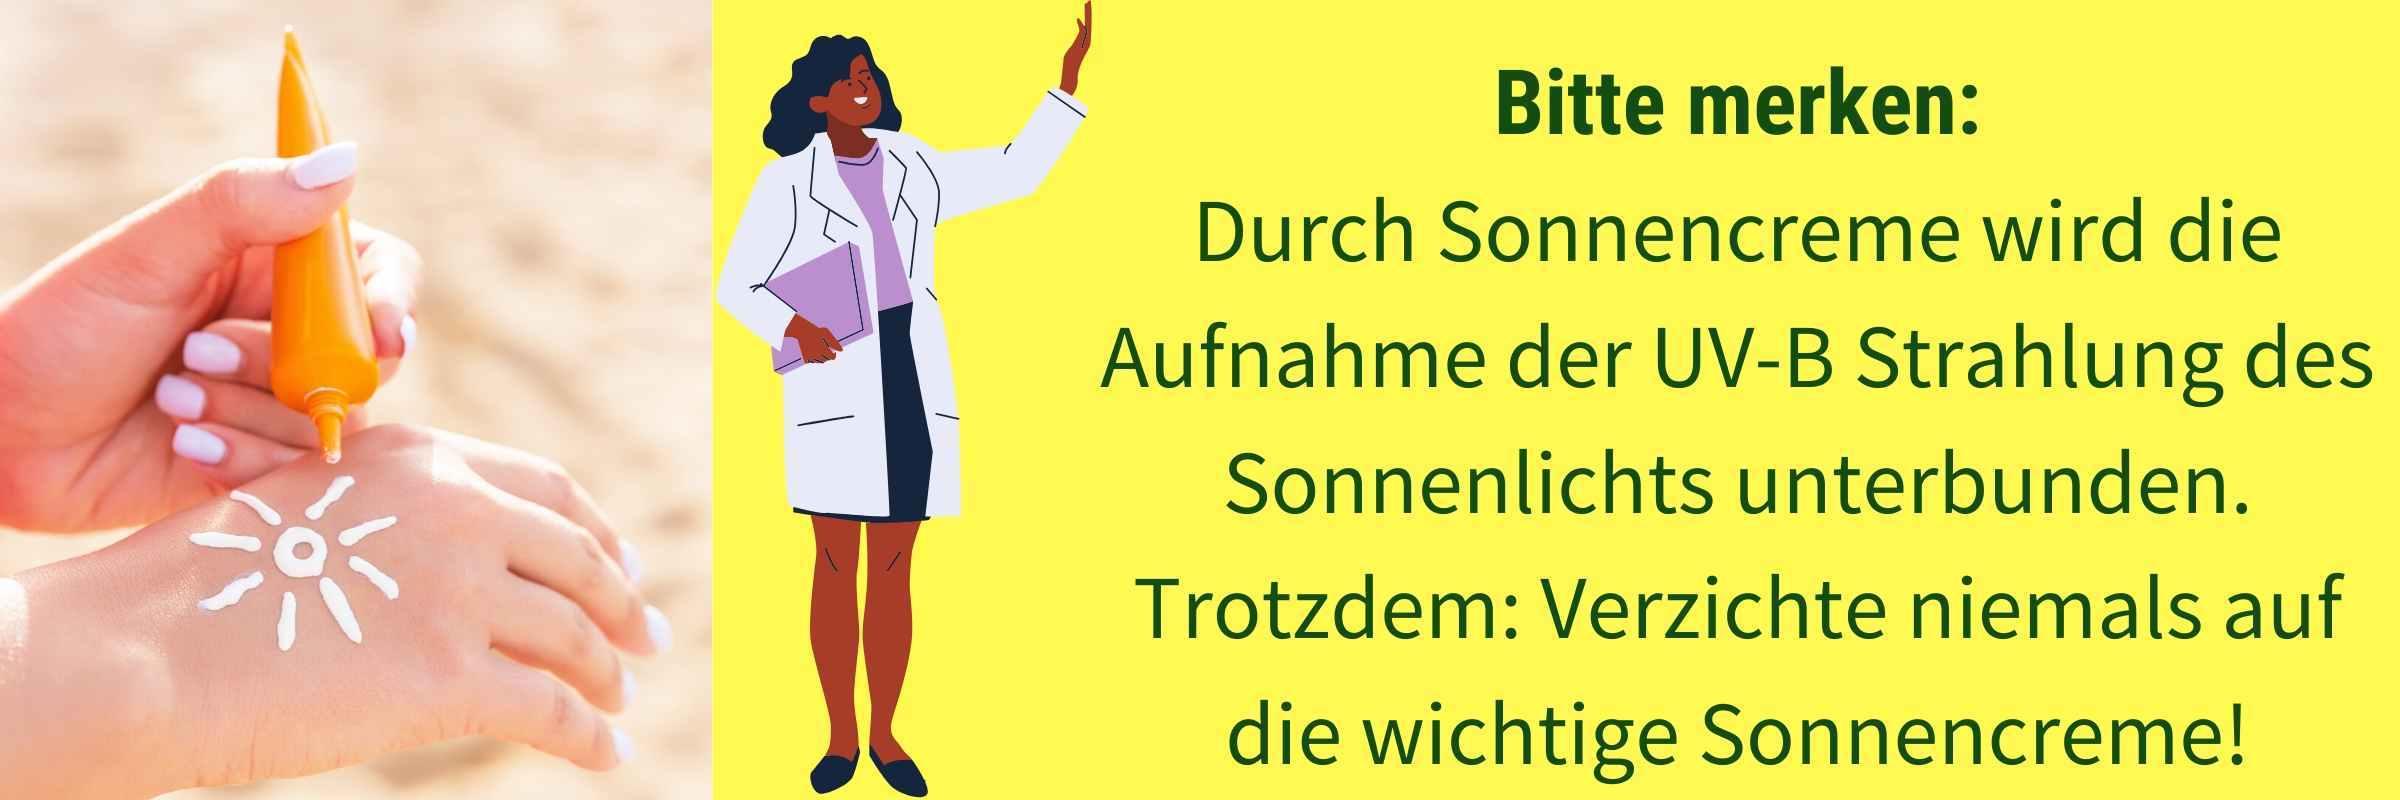 Vitamin D Hautkrebs